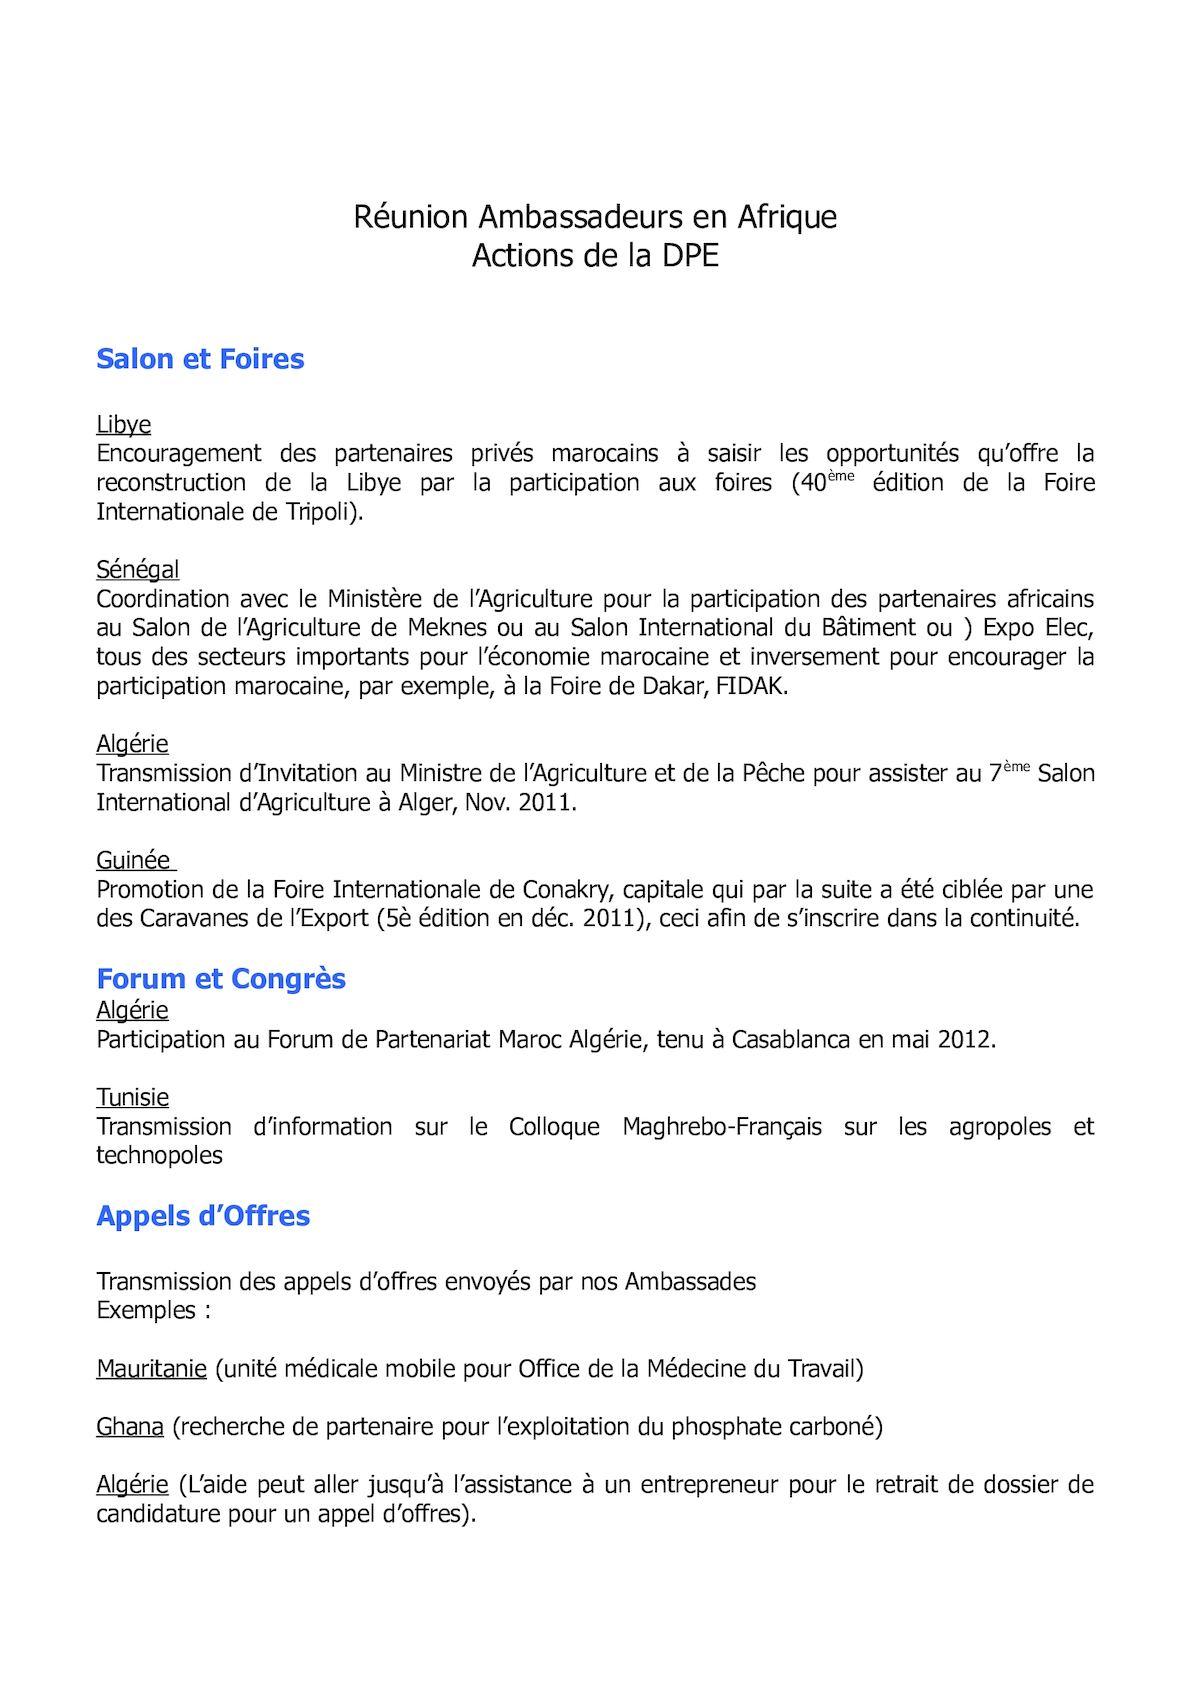 Version Résumée En Français - Réunion Ambassadeur En Afrique - Préparation Intervention Sur Actions DPE